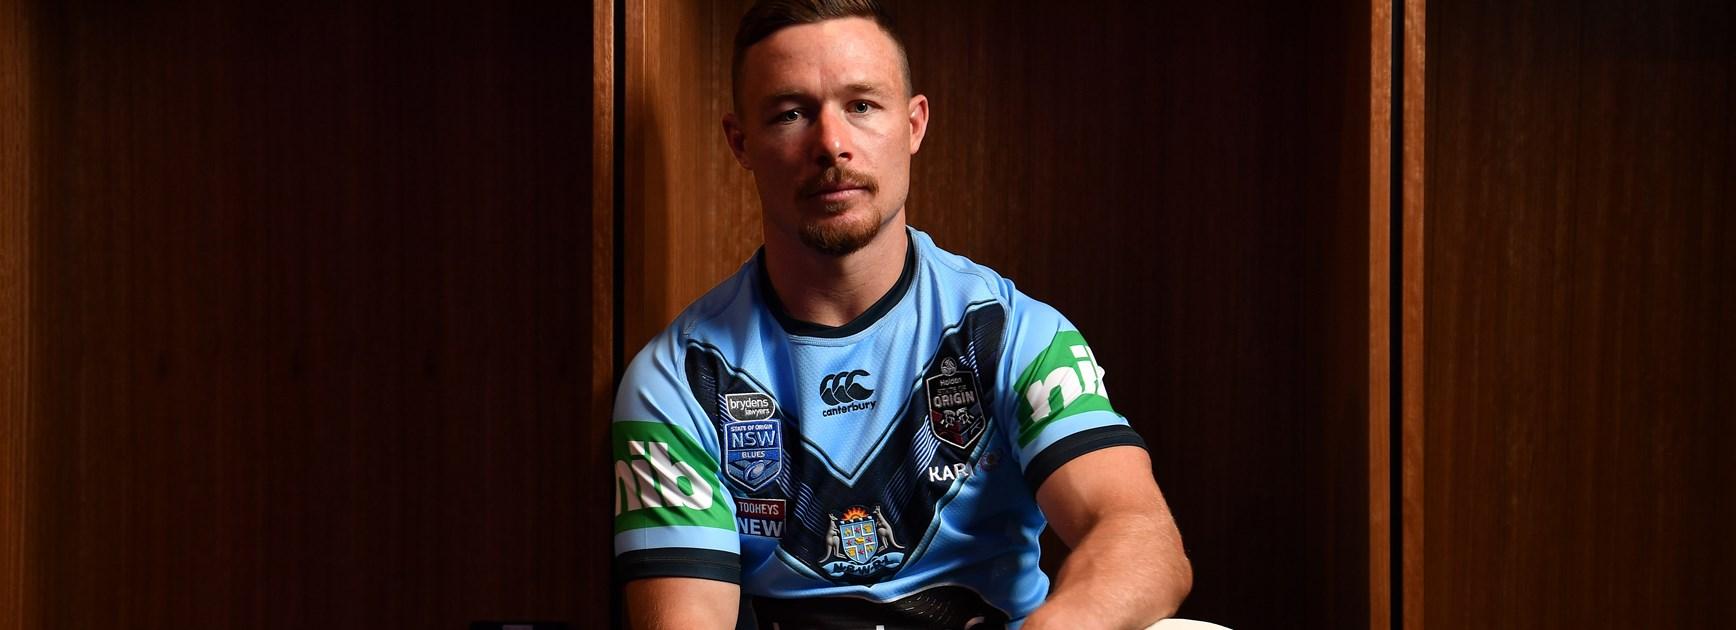 NSW hooker Damien Cook.